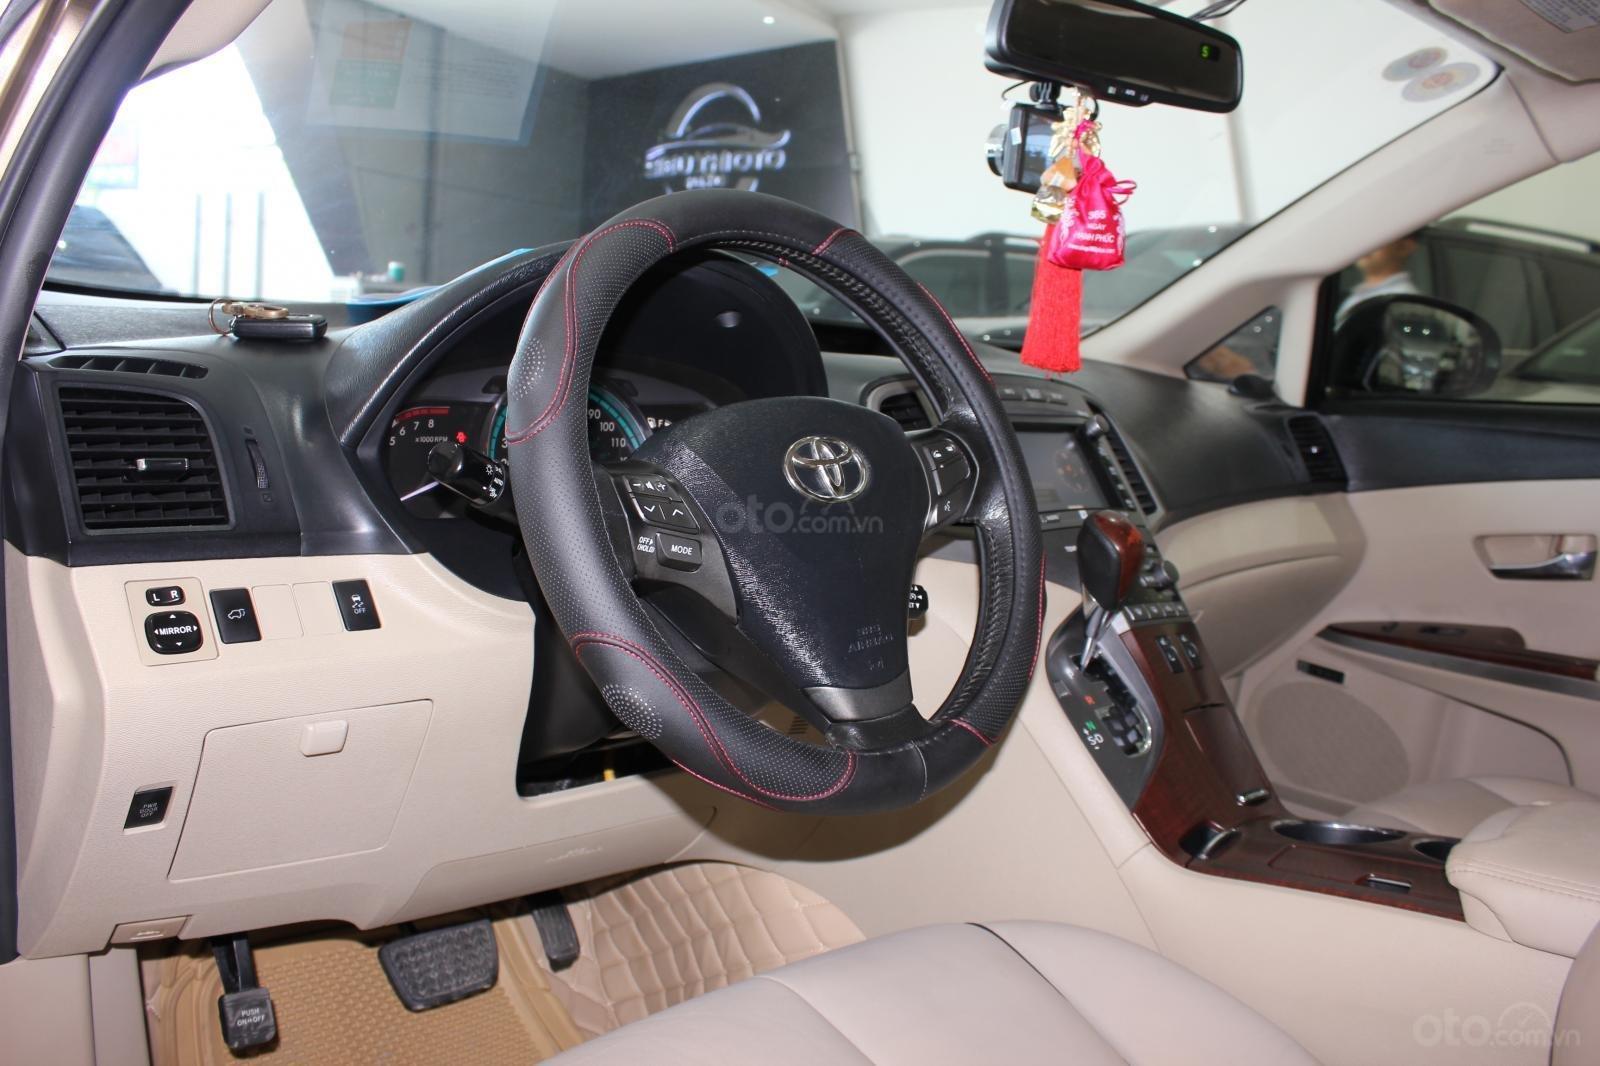 Bán ô tô Toyota Venza năm sản xuất 2011, màu nâu, nhập khẩu -2